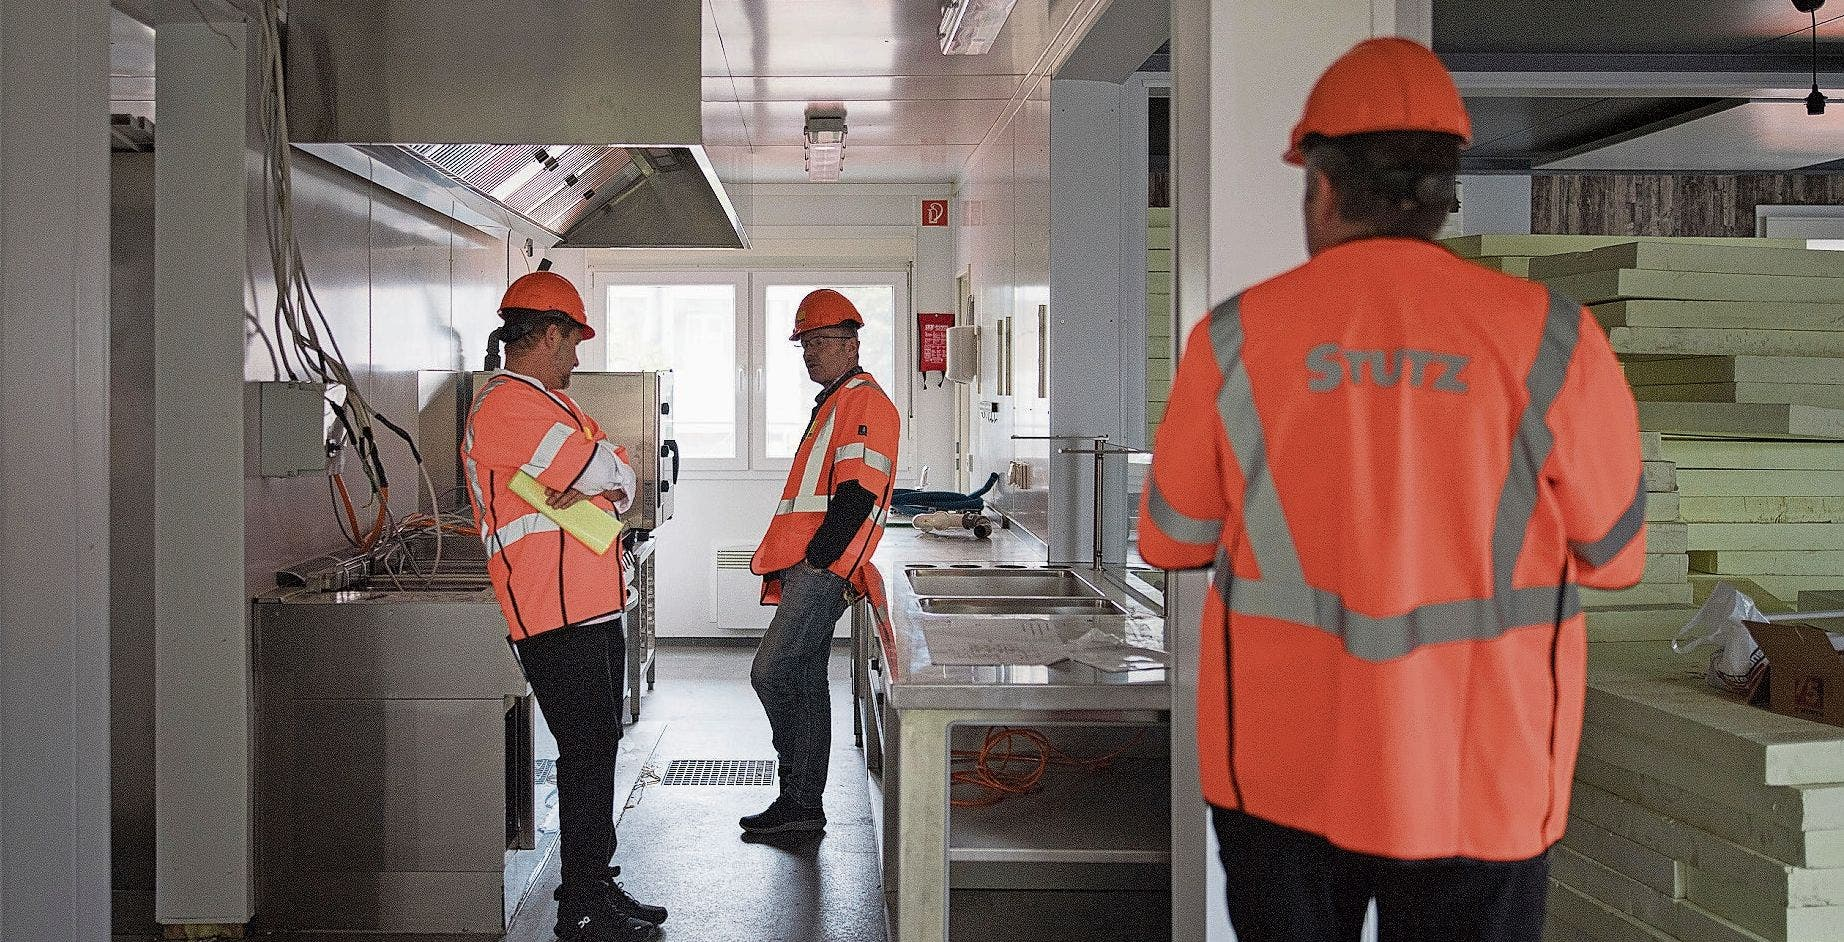 In der Baustellenbeiz können Arbeiter auf Schaulustige, Quartierbewohner und Berufskollegen treffen.